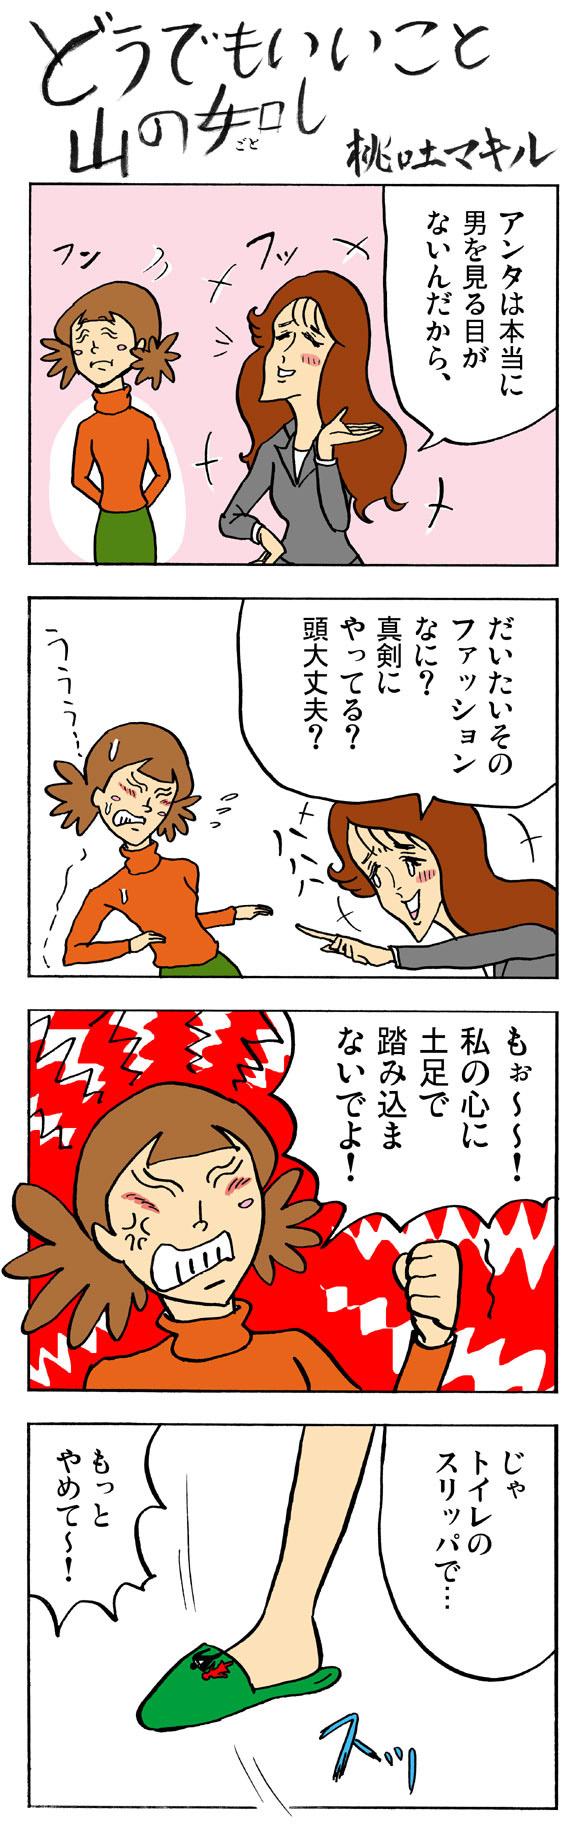 【まんが】どうでもいいこと山の如し「第55話:恋の奥義の如し2」 by 桃吐マキル